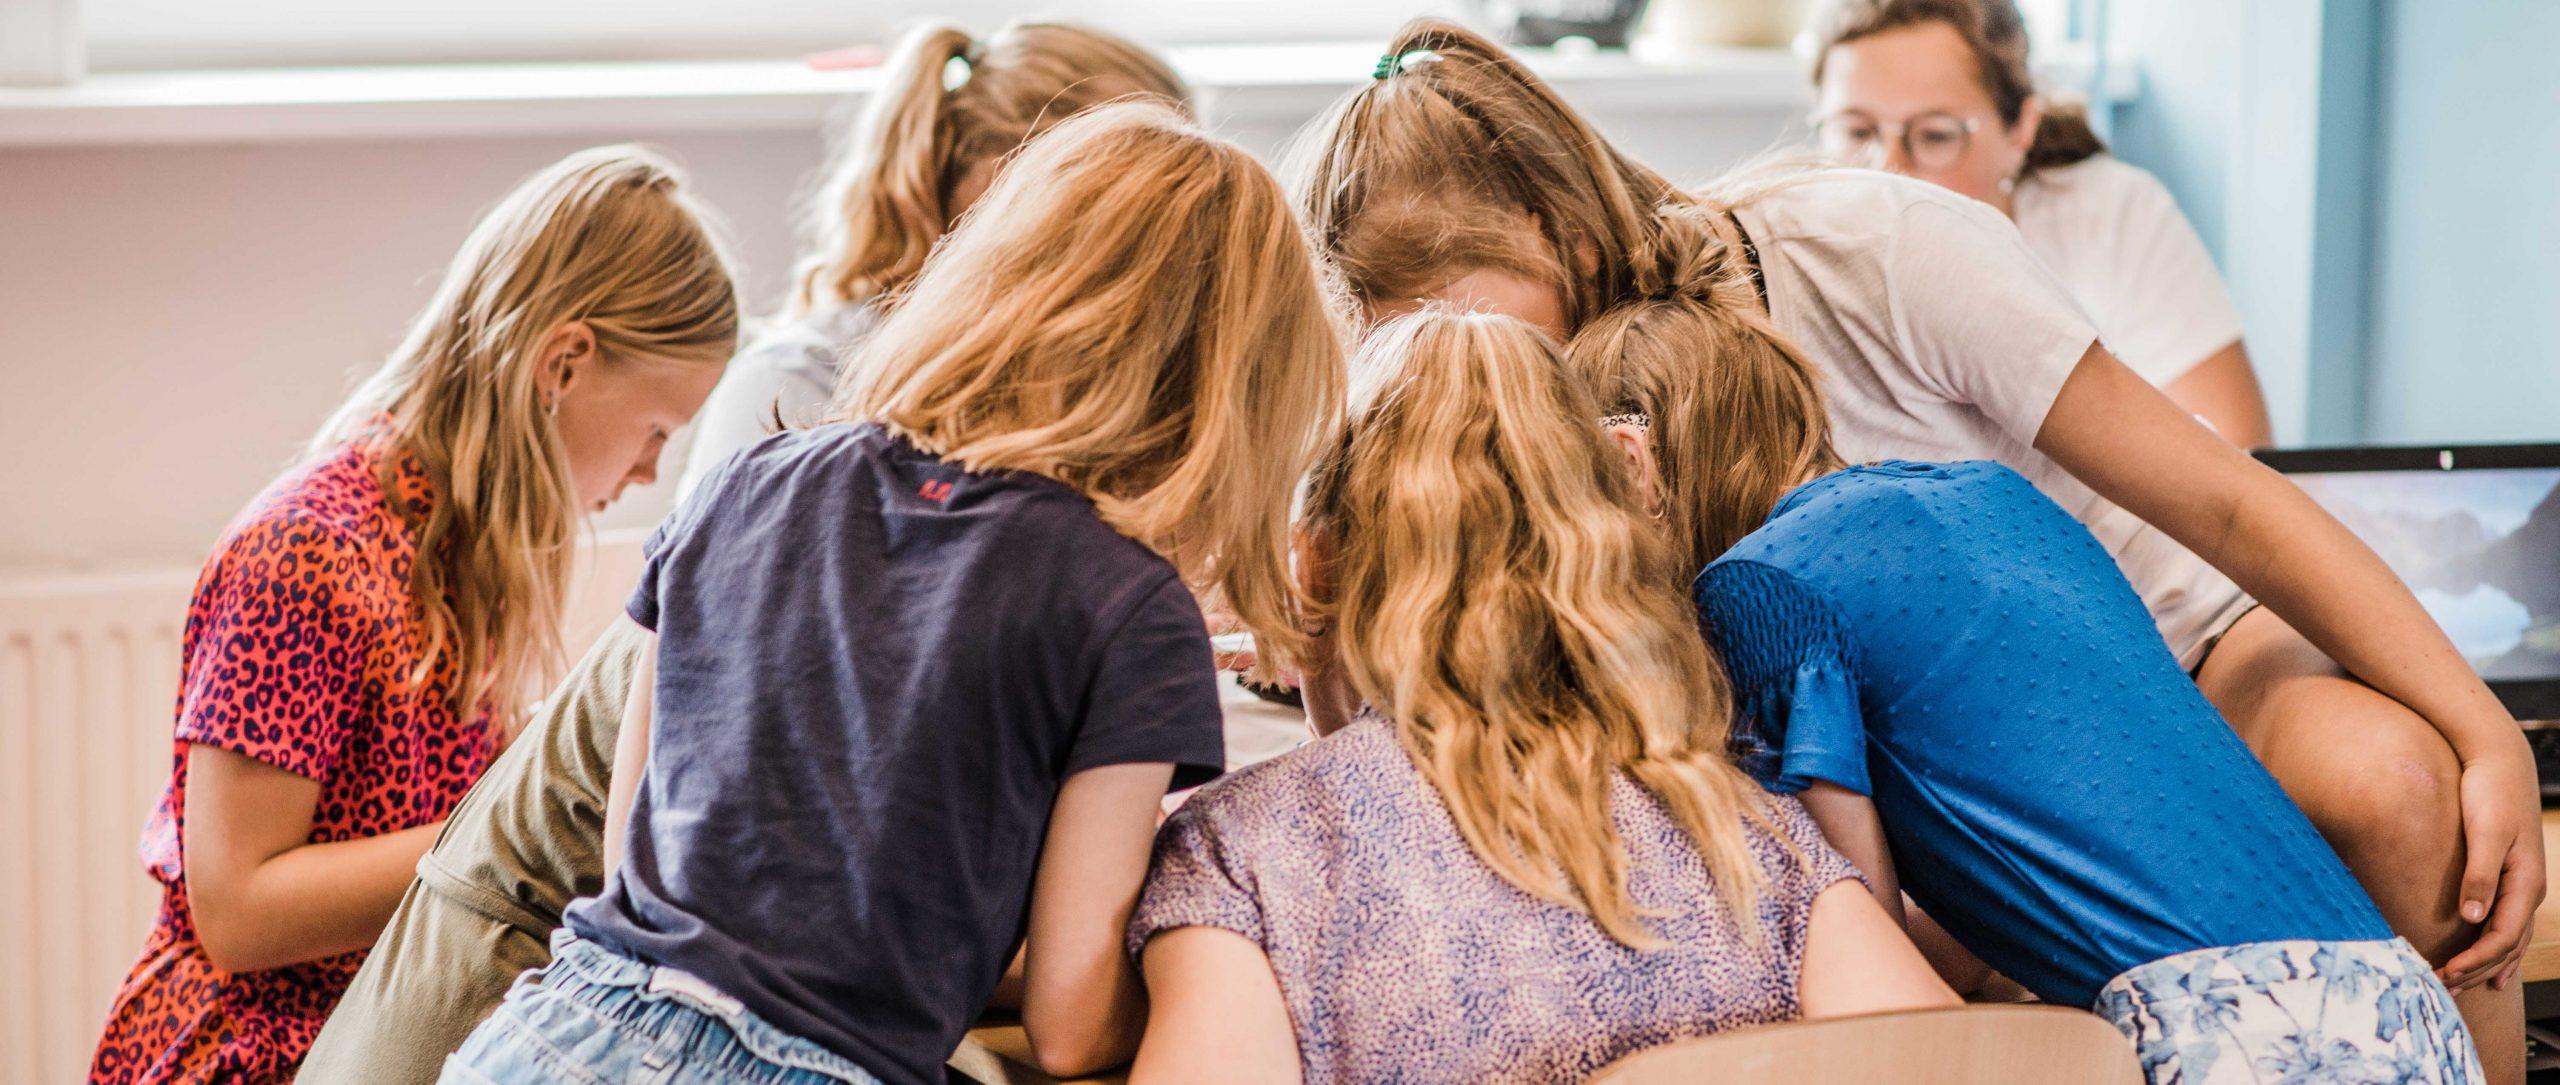 zes schoolkinderen kijken naar een boek